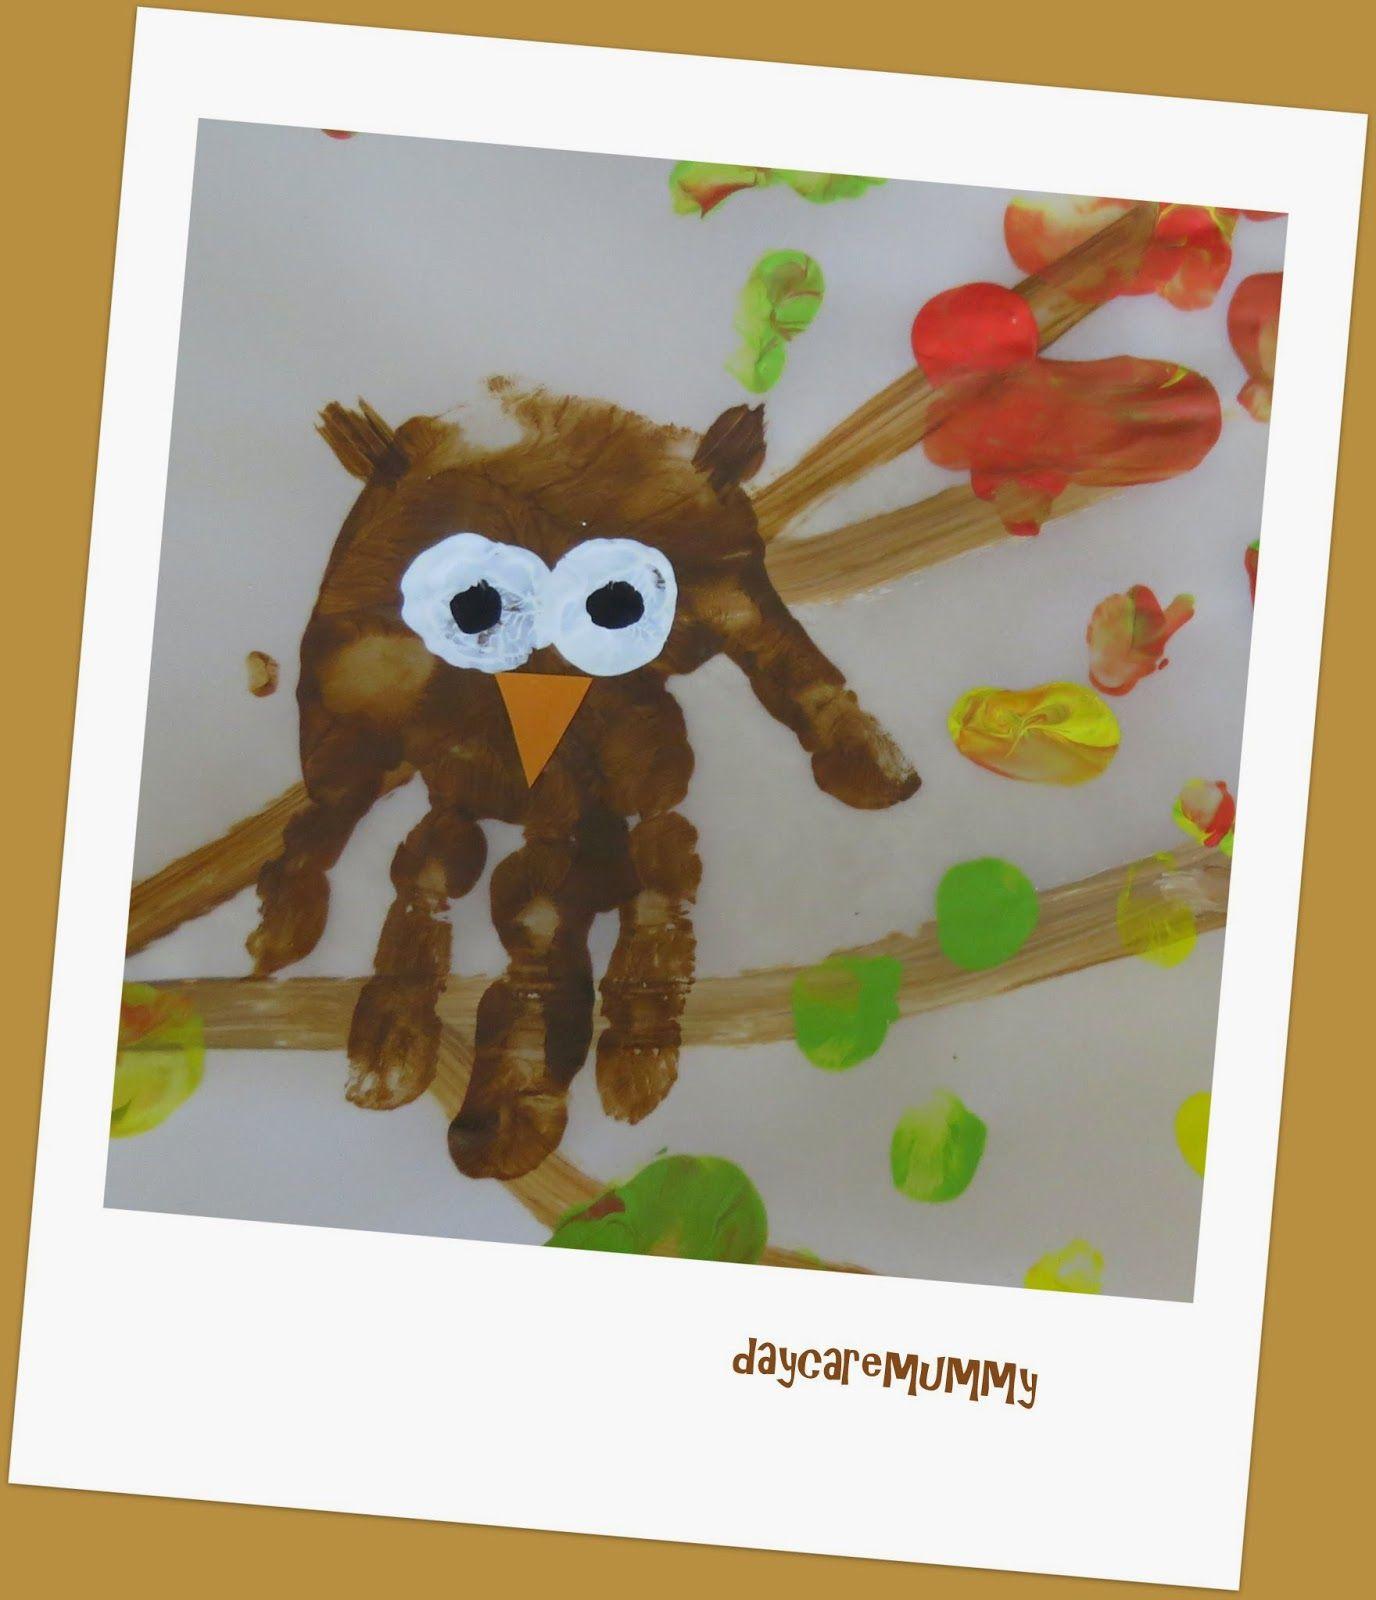 Daycaremummy Eulen Handabdruck Birthdays Pinterest Hande